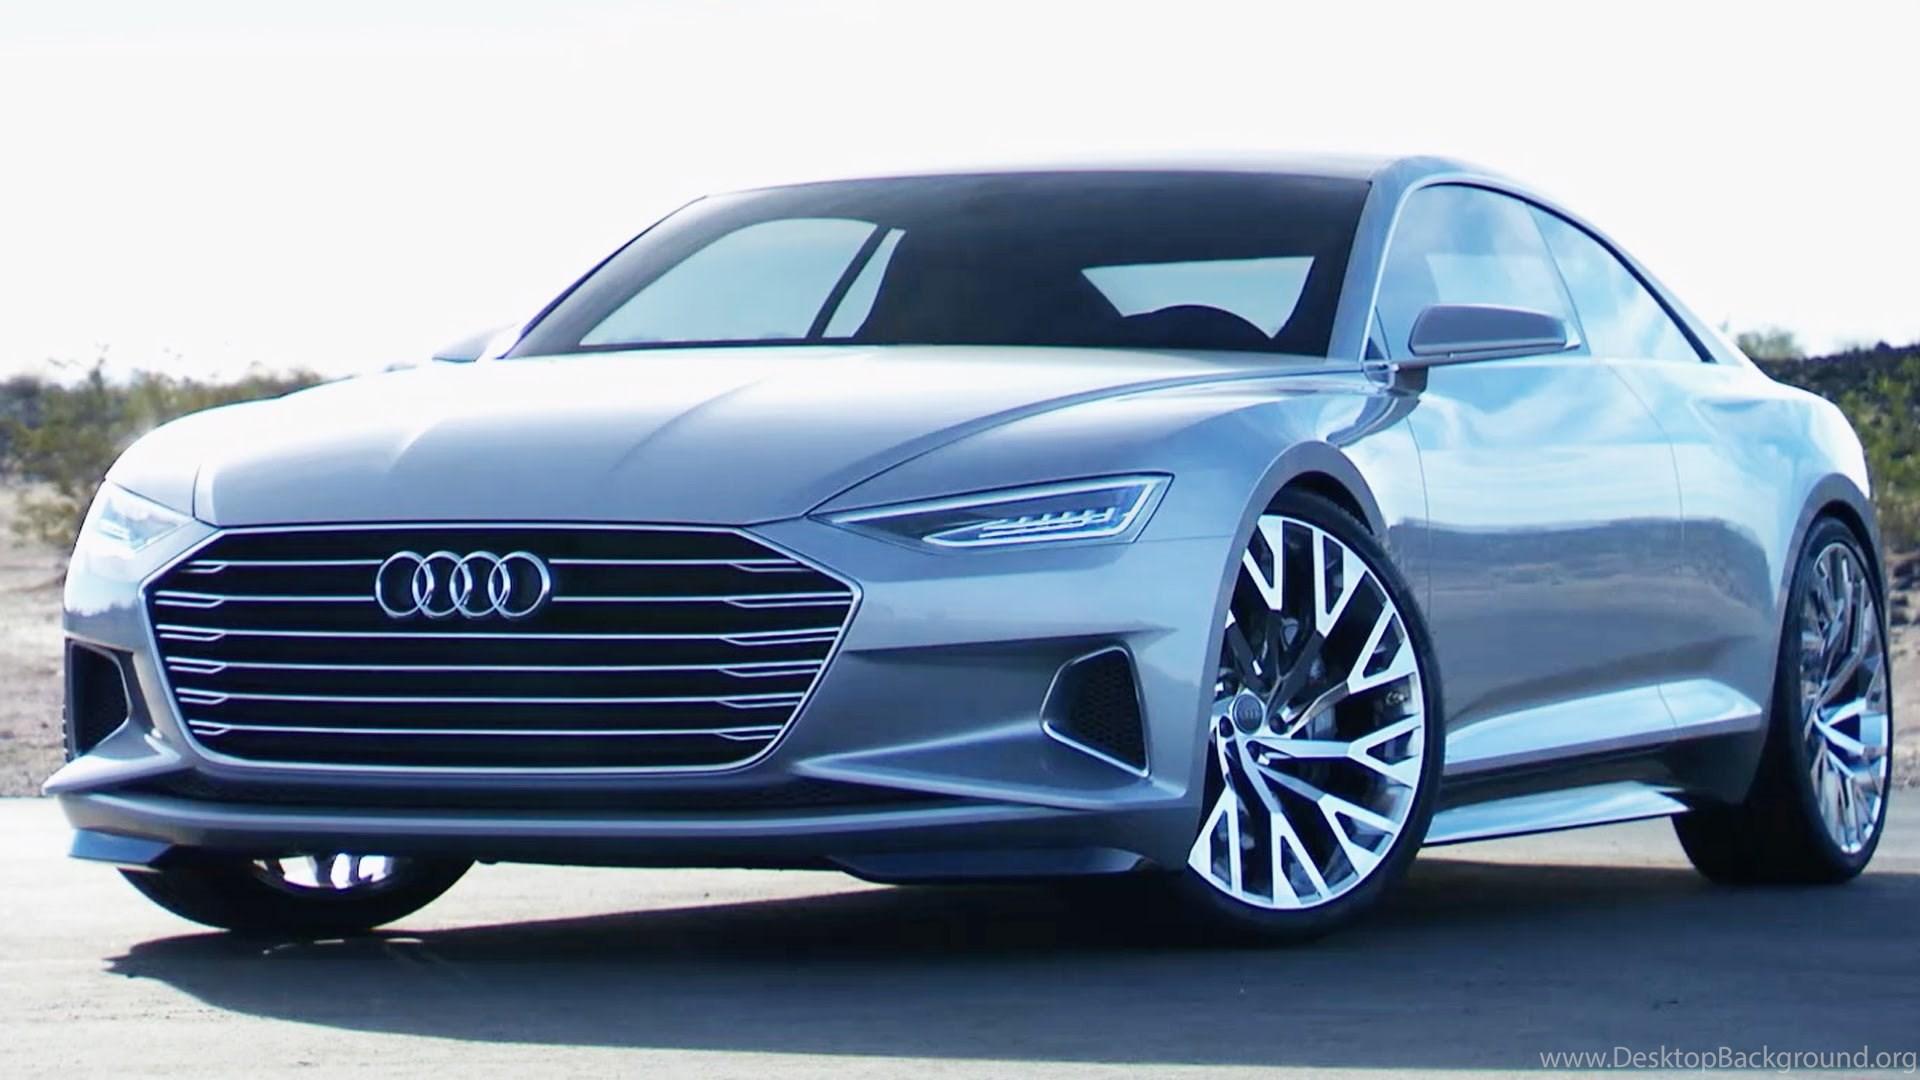 Audi A9 Johnywheels Desktop Background